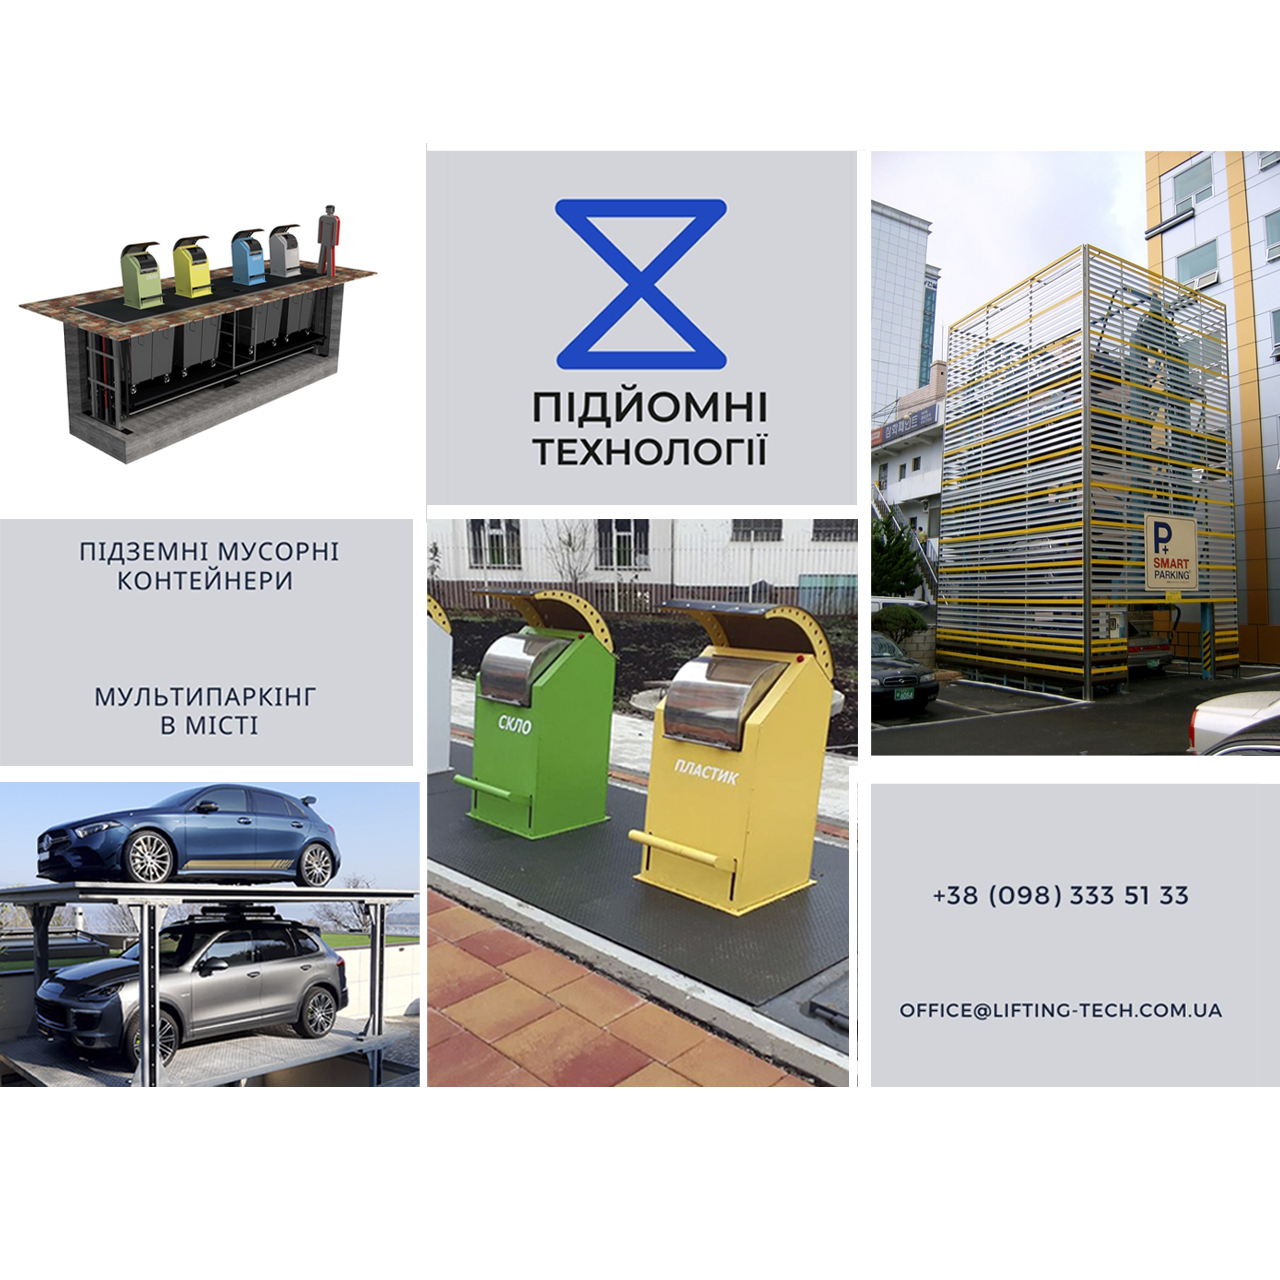 Modern infrastructure in Ukraine